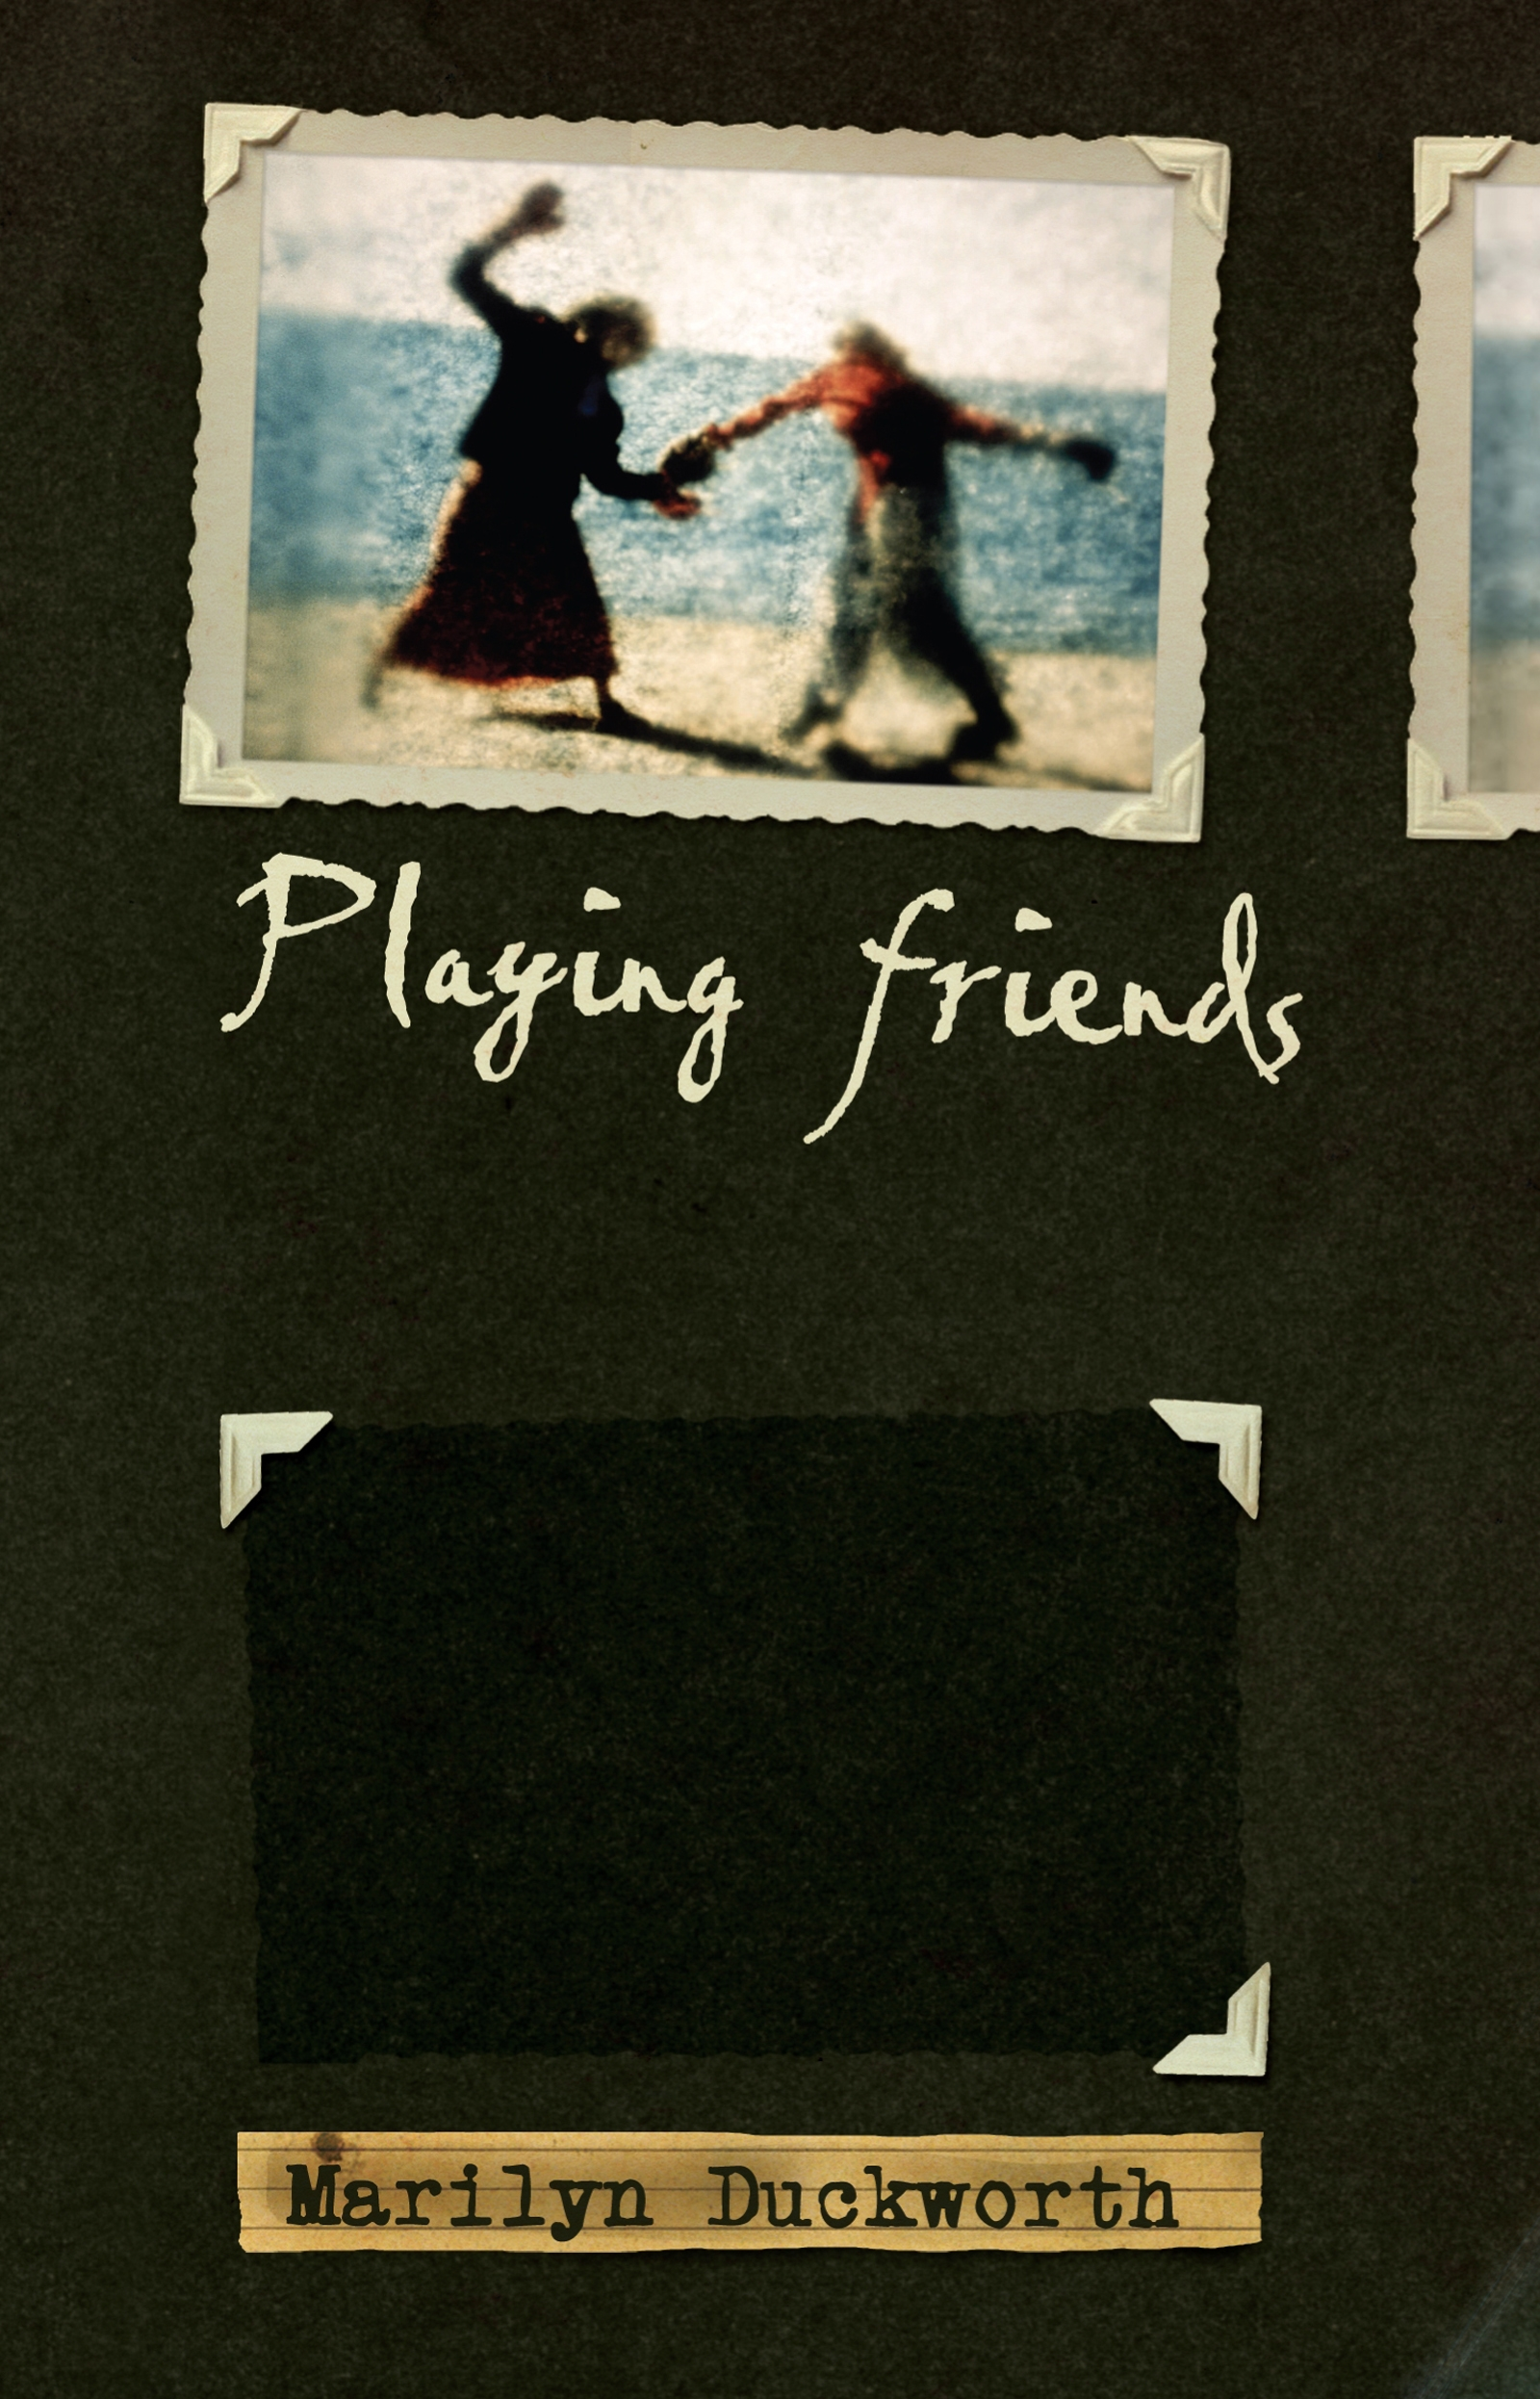 playing friends duckworth marilyn